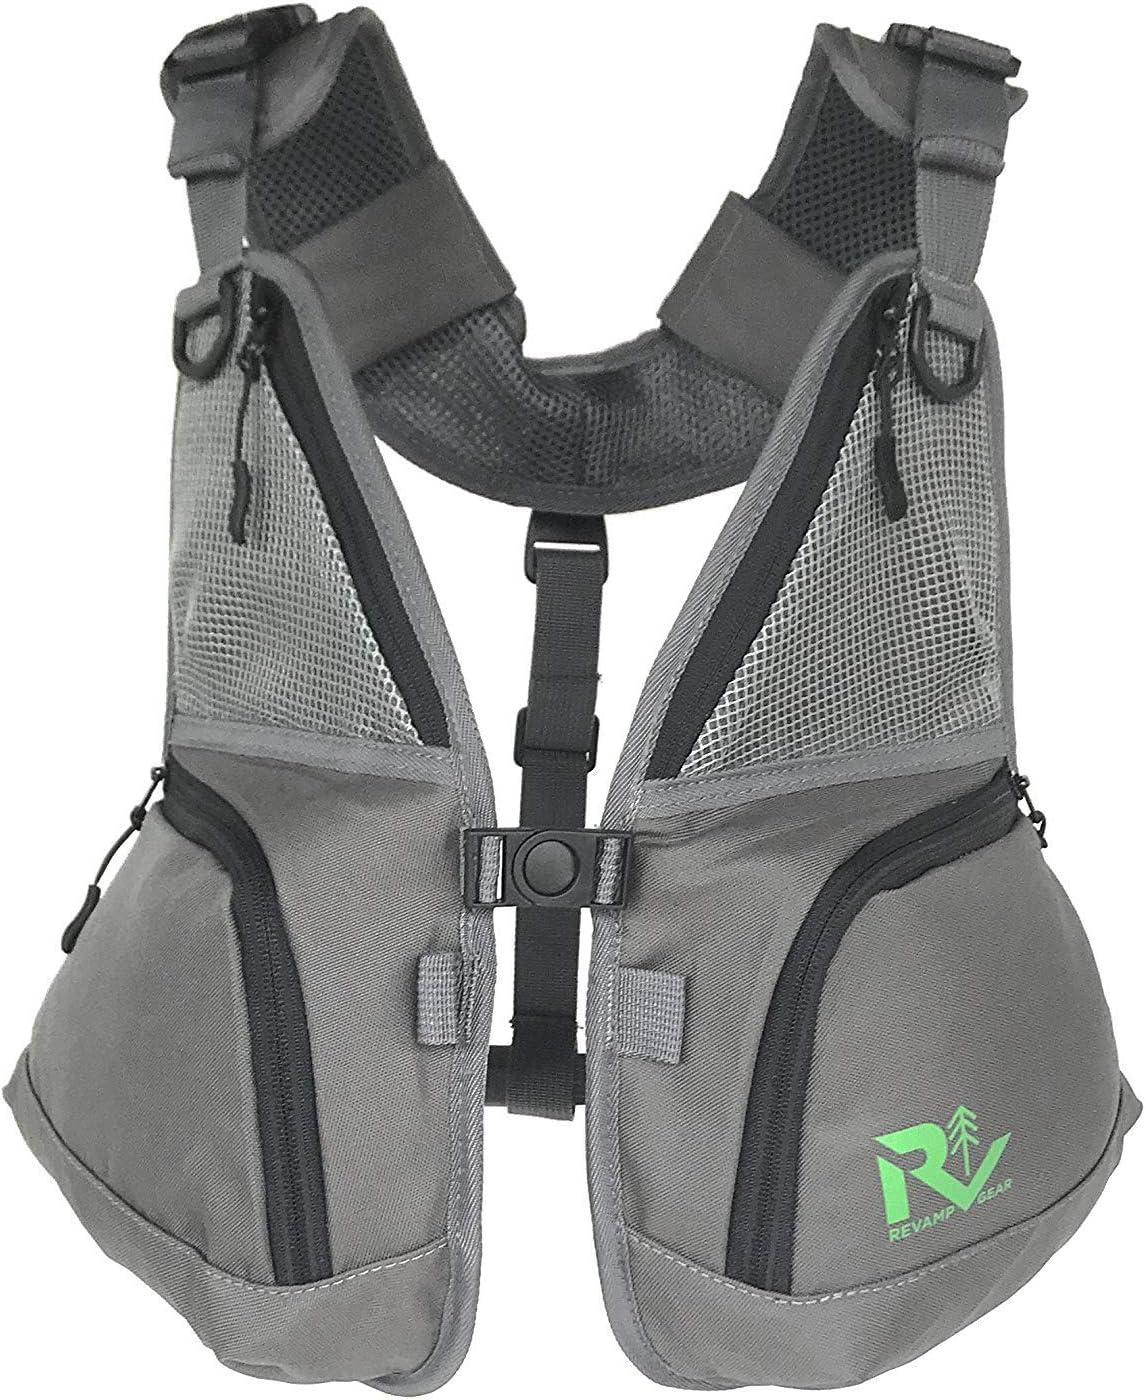 Revamp Gear Pack frontal para llevar solo y emparejamiento con mochilas y mochilas de hidratación. Senderismo, ciclismo, camping, esquí, snowboard o como chaleco de pesca con mosca.: Amazon.es: Hogar